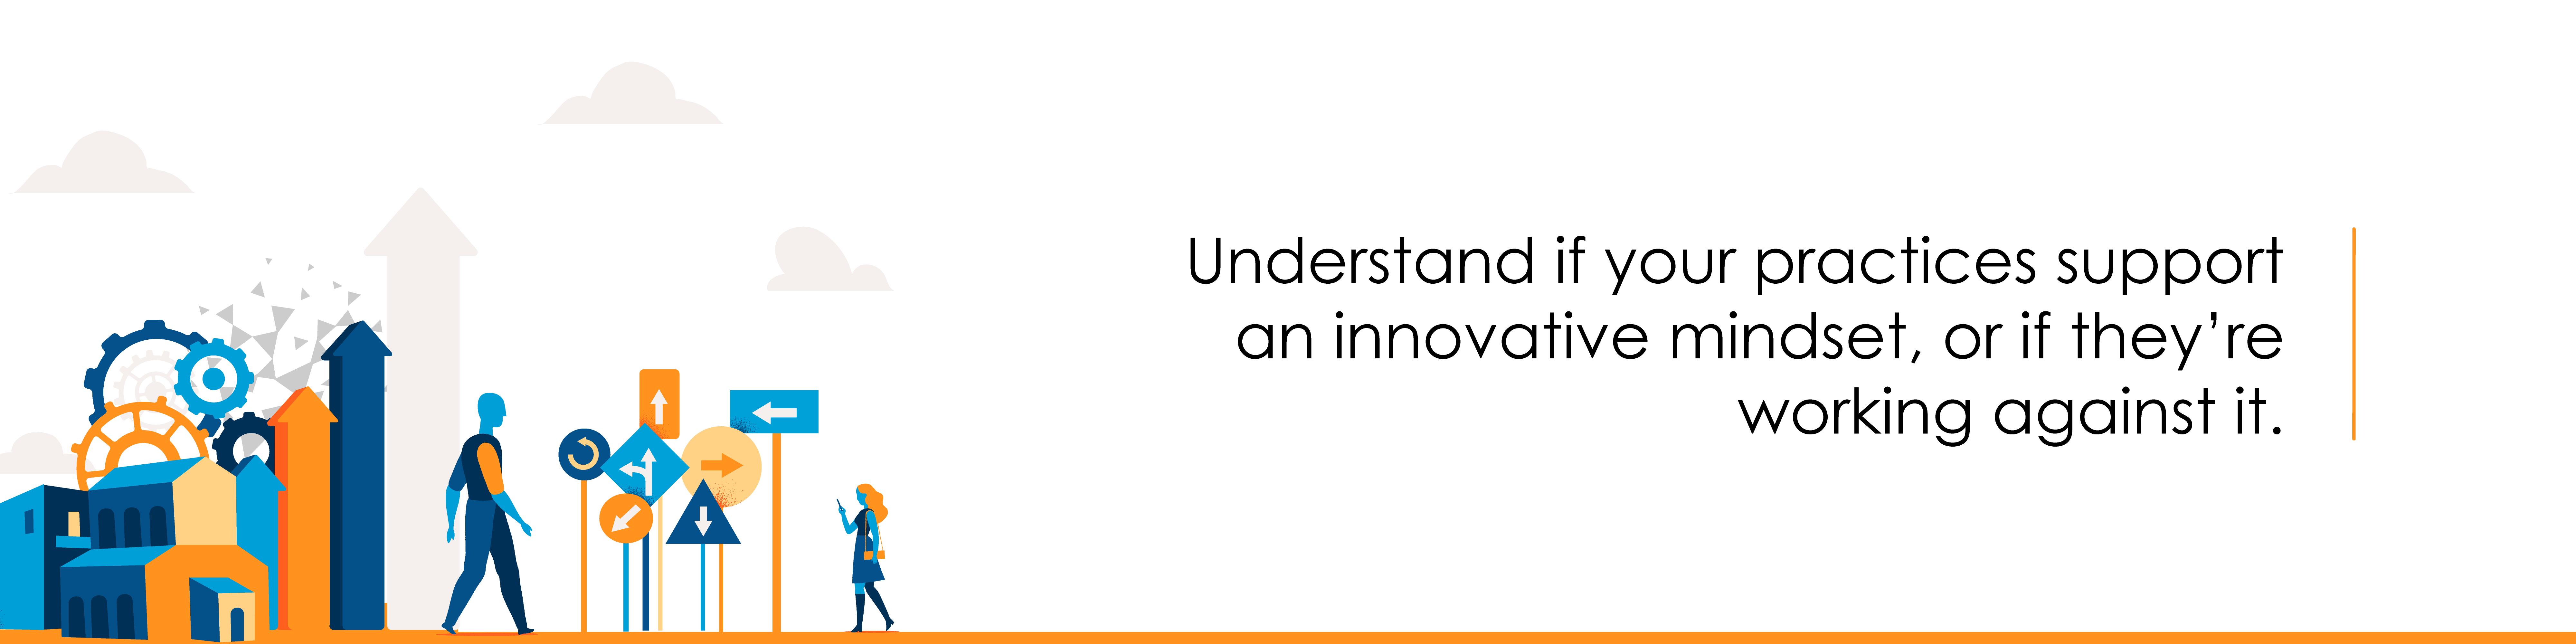 Innovation-mindset